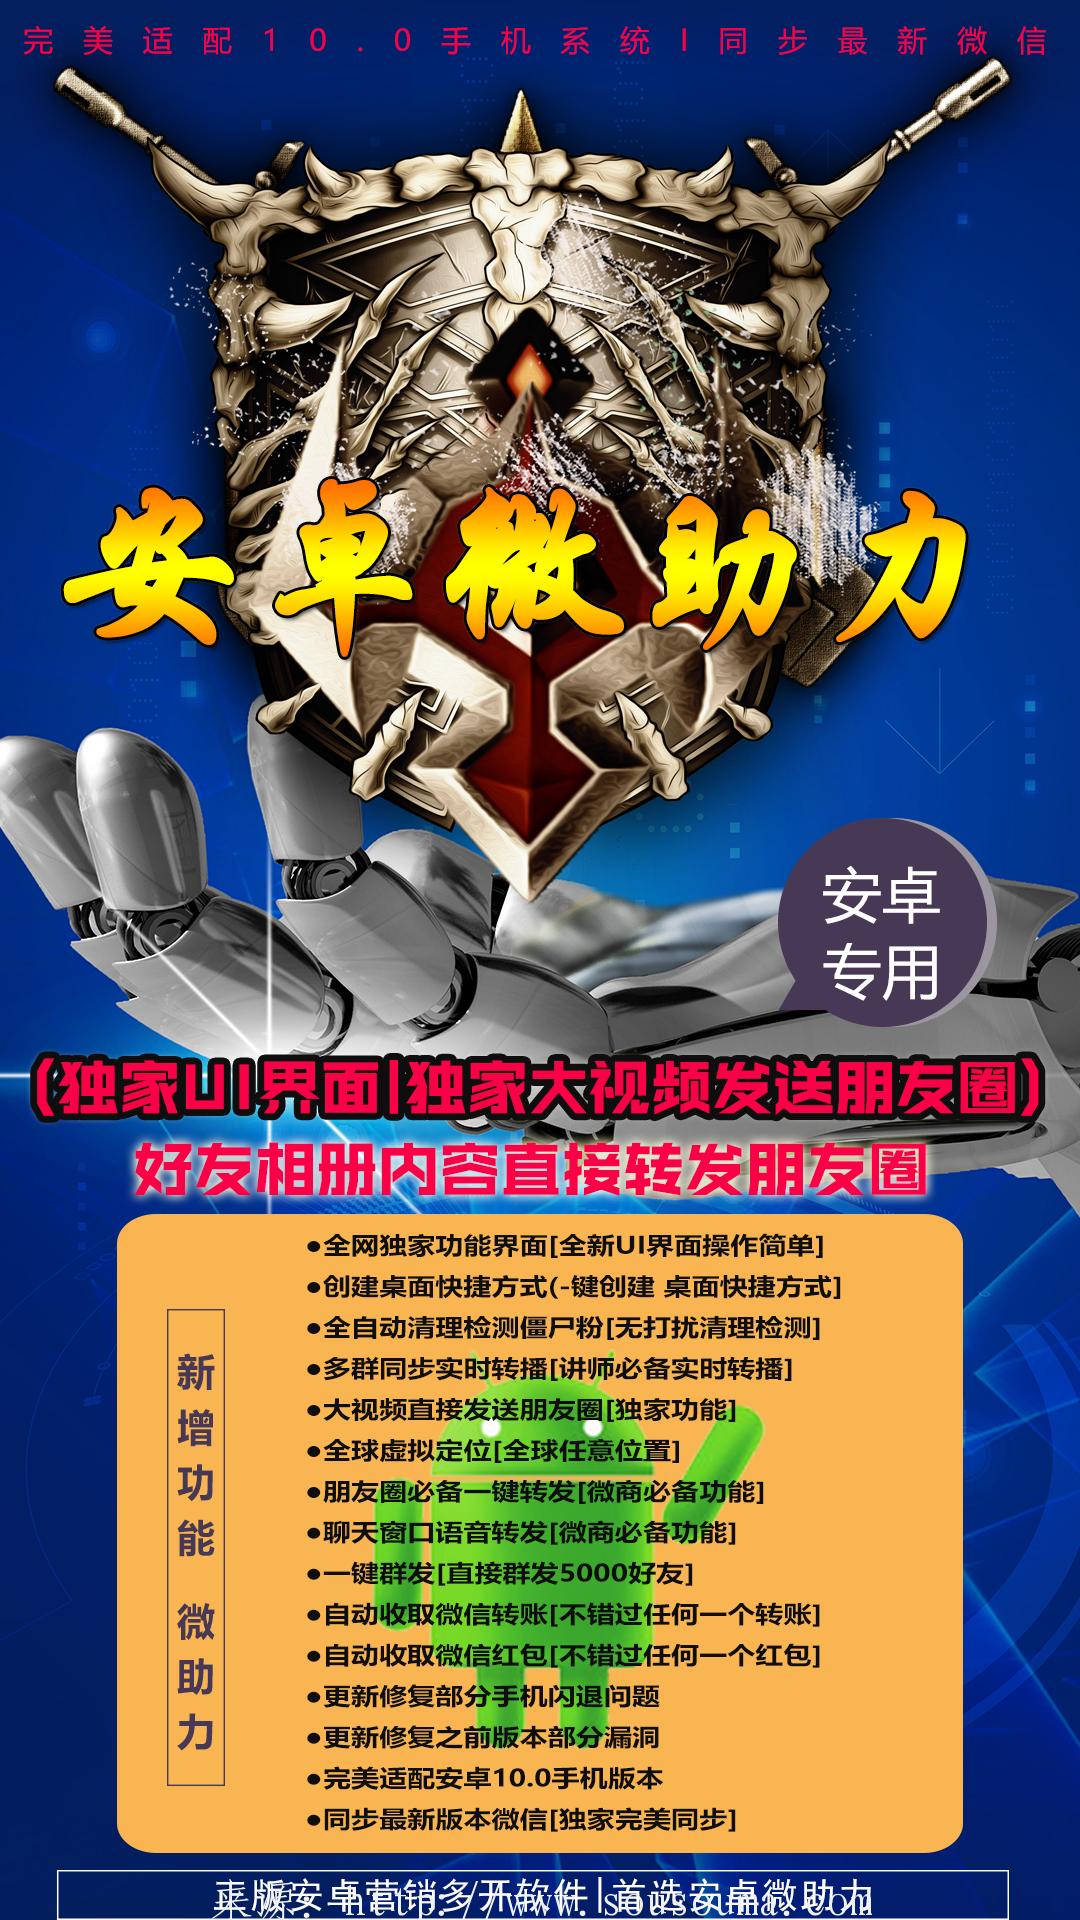 【安卓微助力官网】安卓多开分身支持10系统新版界面激活码商城独家代理授权